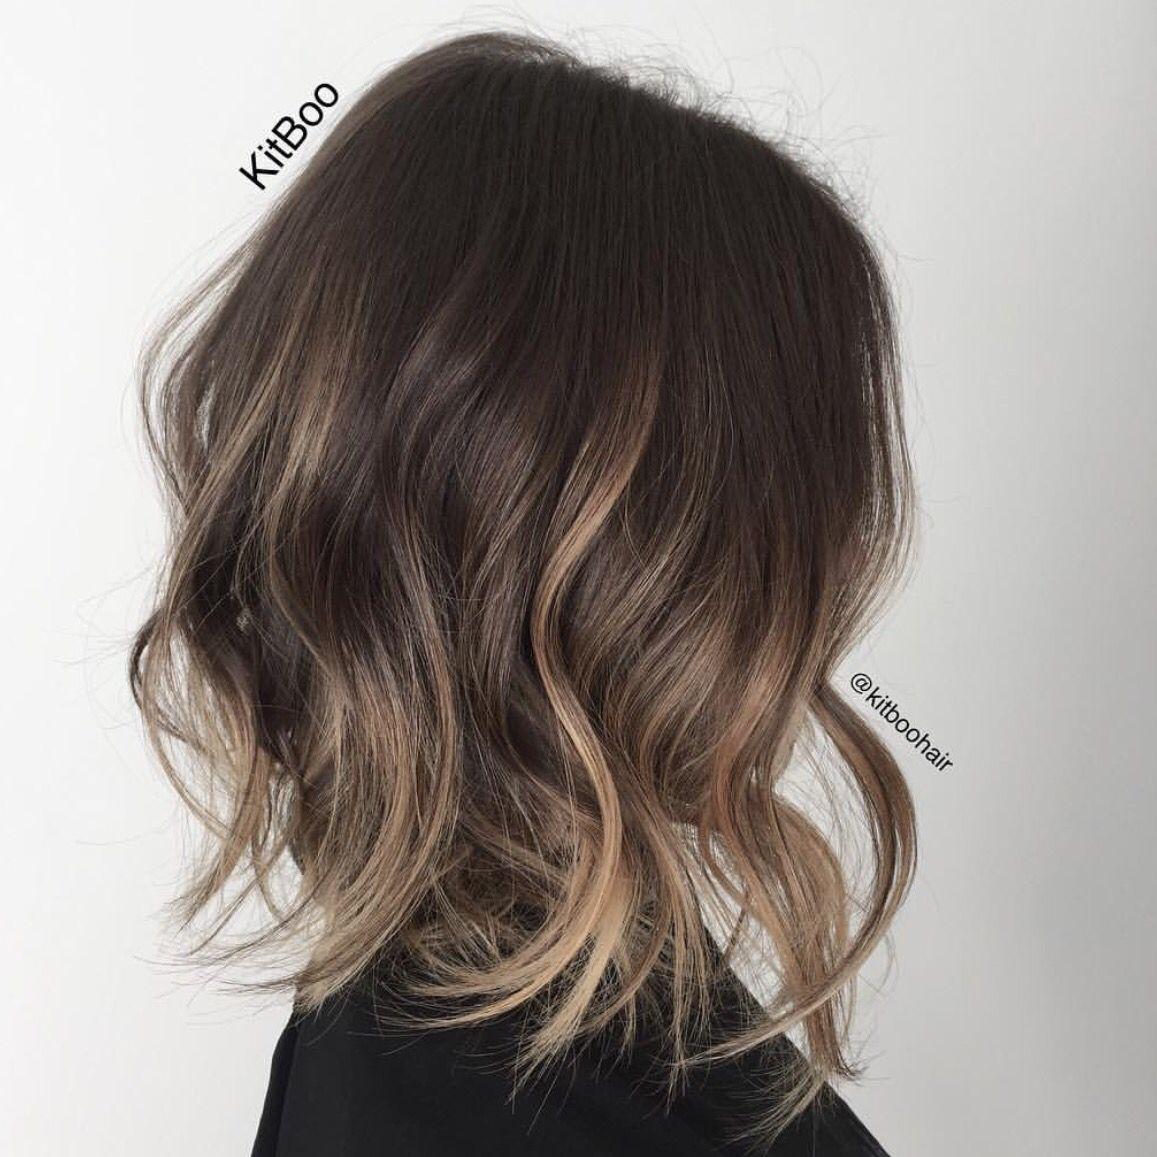 Ombre Hair Short Hair Balayage Medium Length Hair Styles Hair Styles